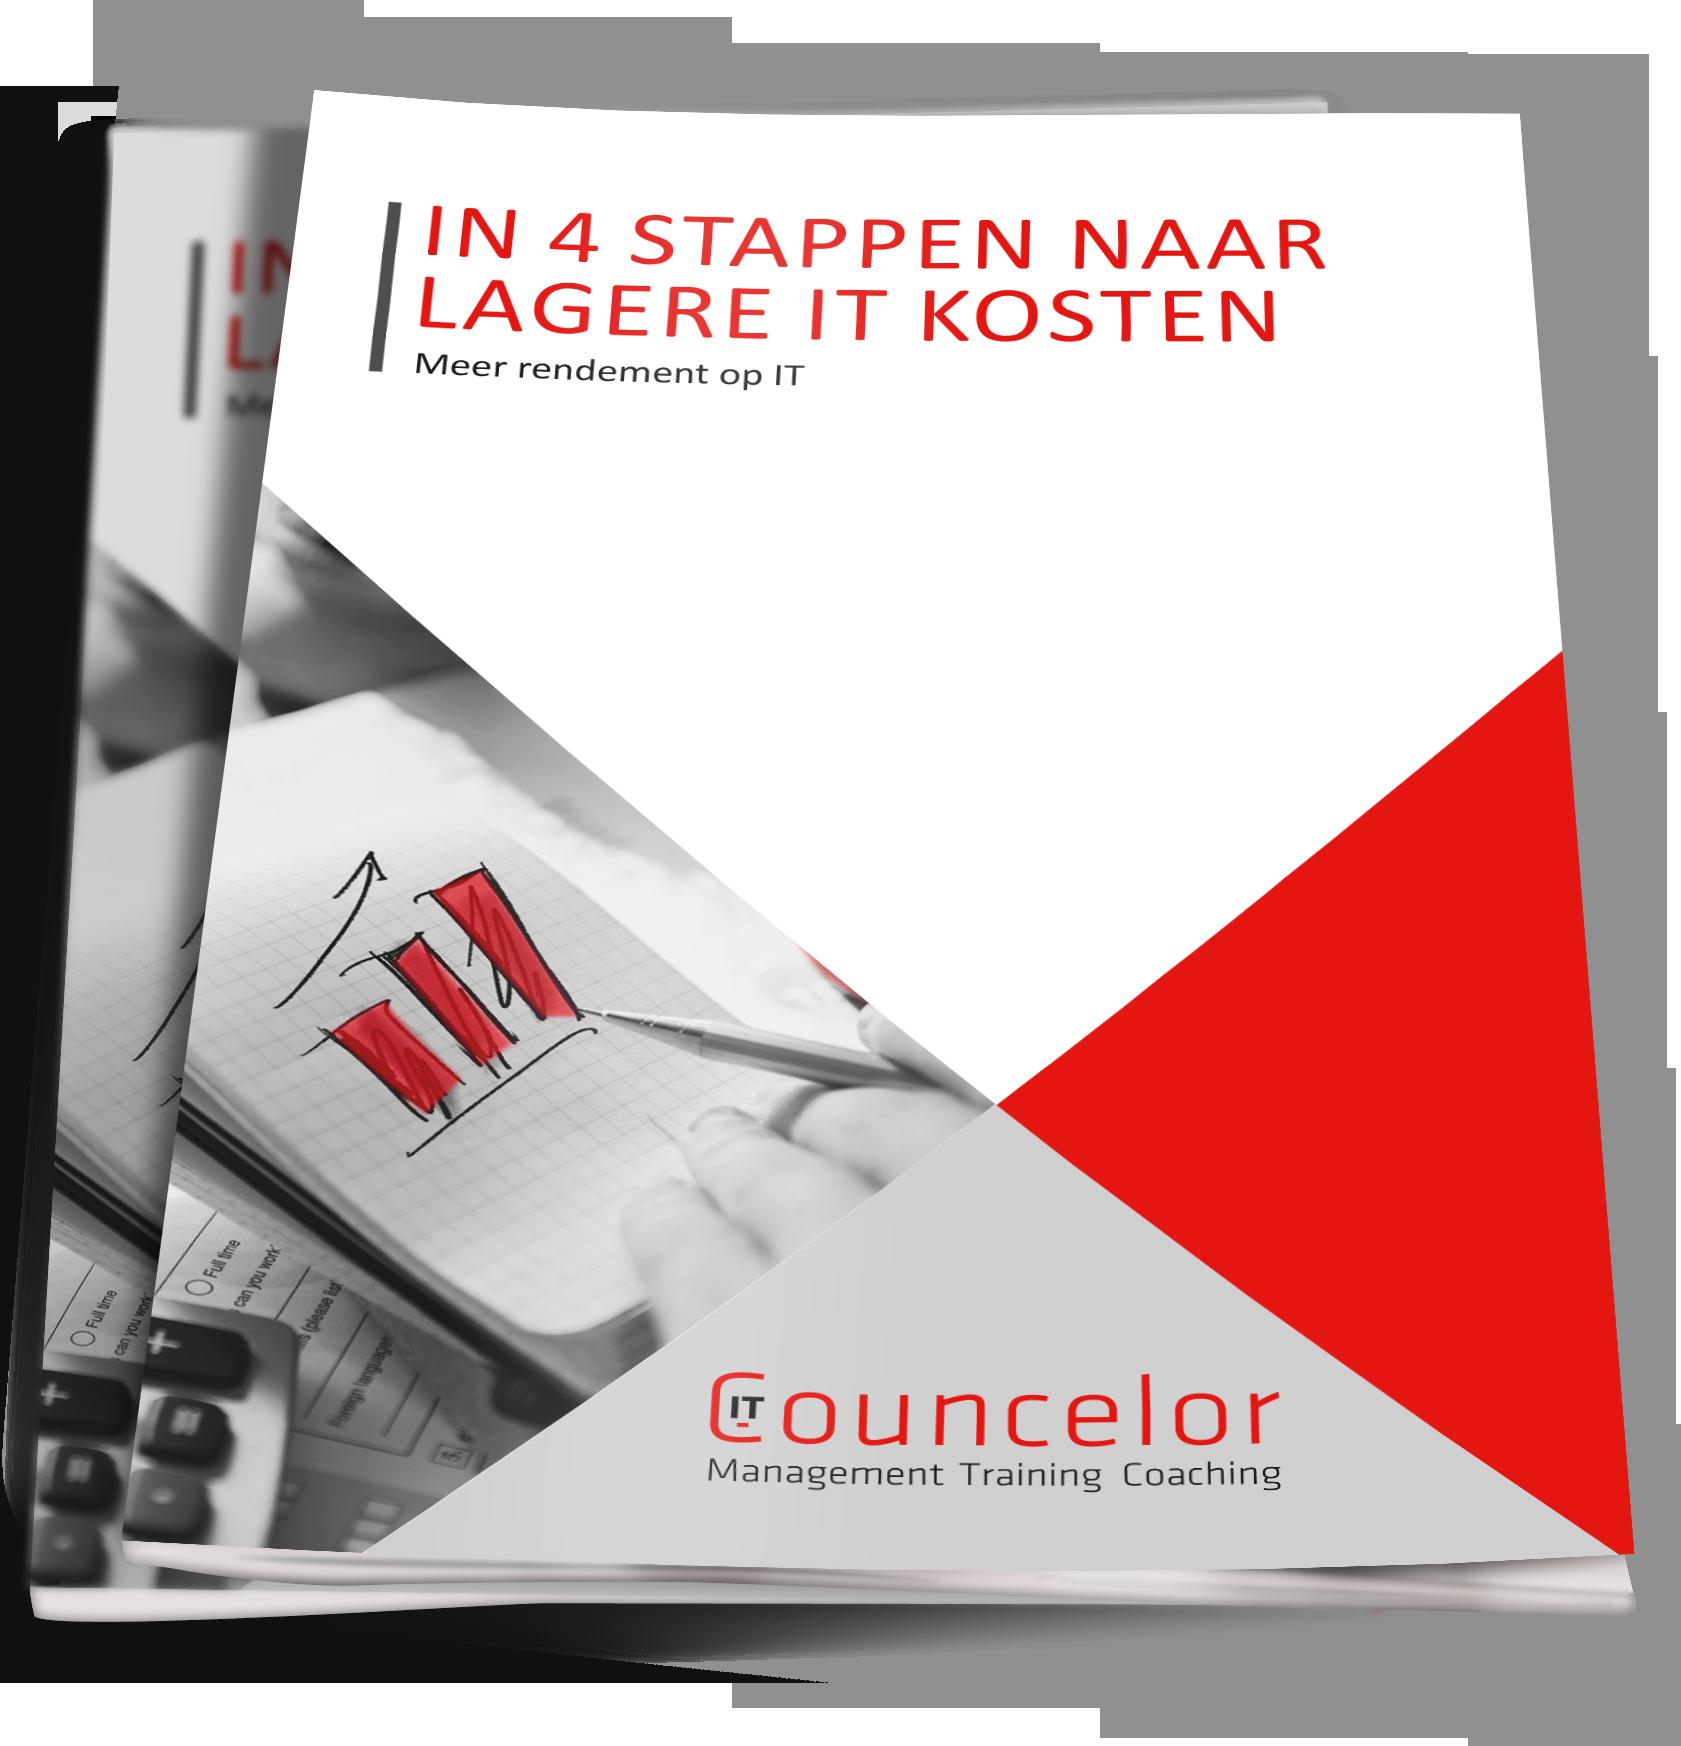 Cover-In 4 stappen naar lagere IT Kosten-def